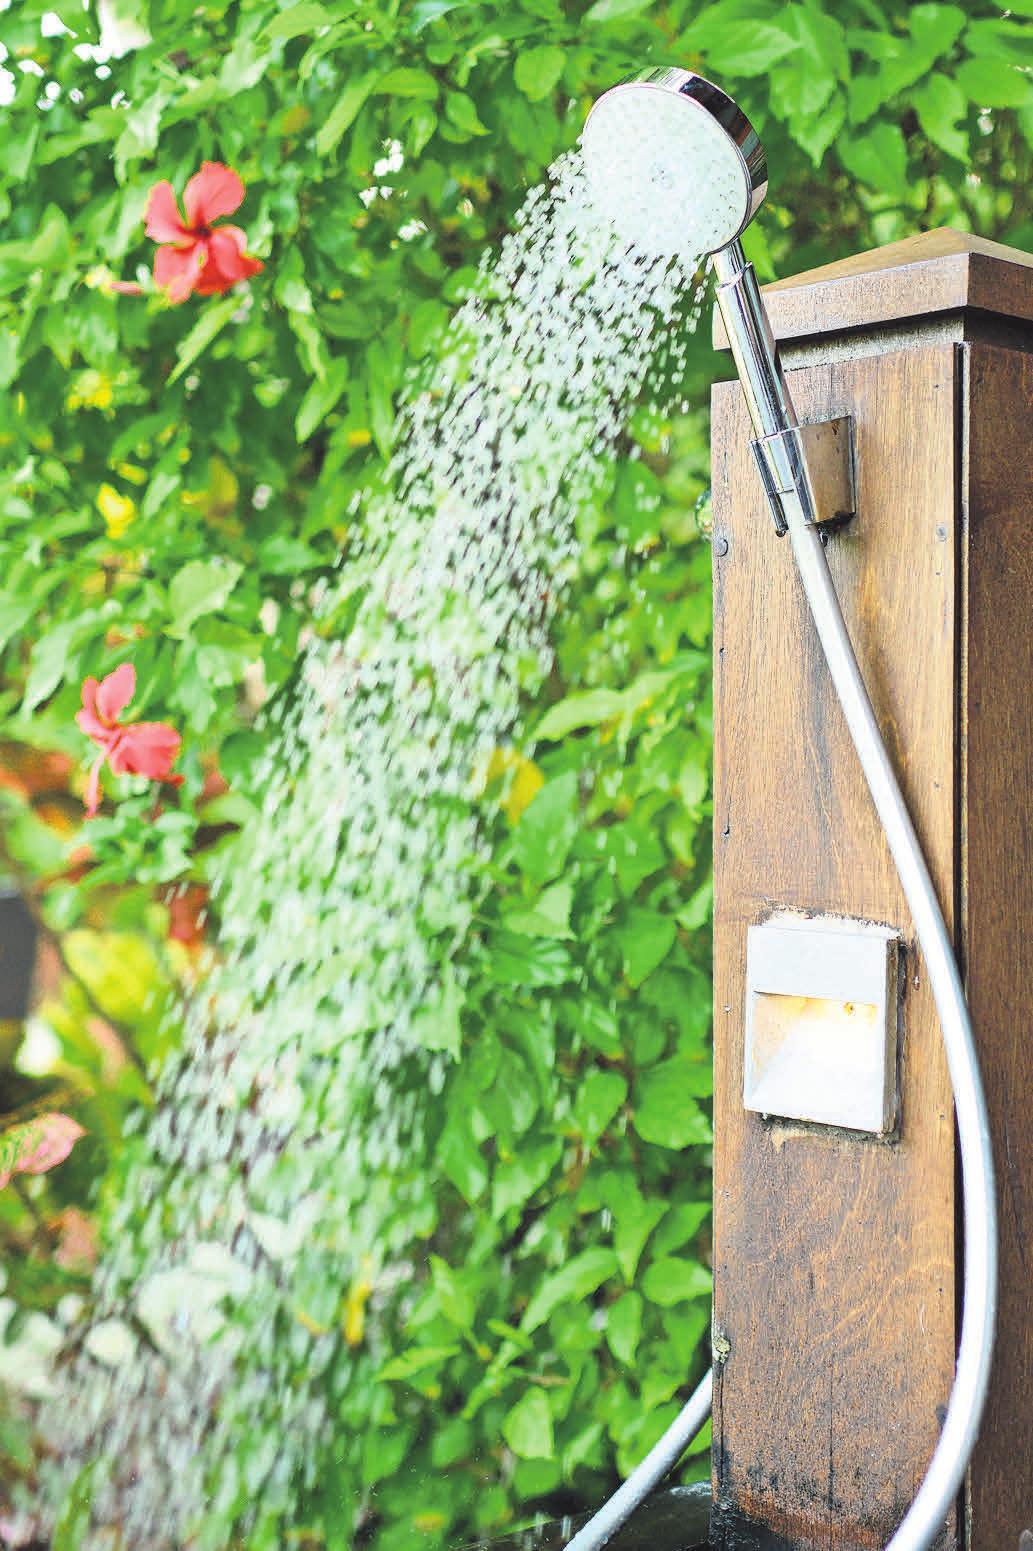 Bei fest installierten Varianten ist ein Abfluss nötig. Foto: iStockphoto.com/PhotoTalk